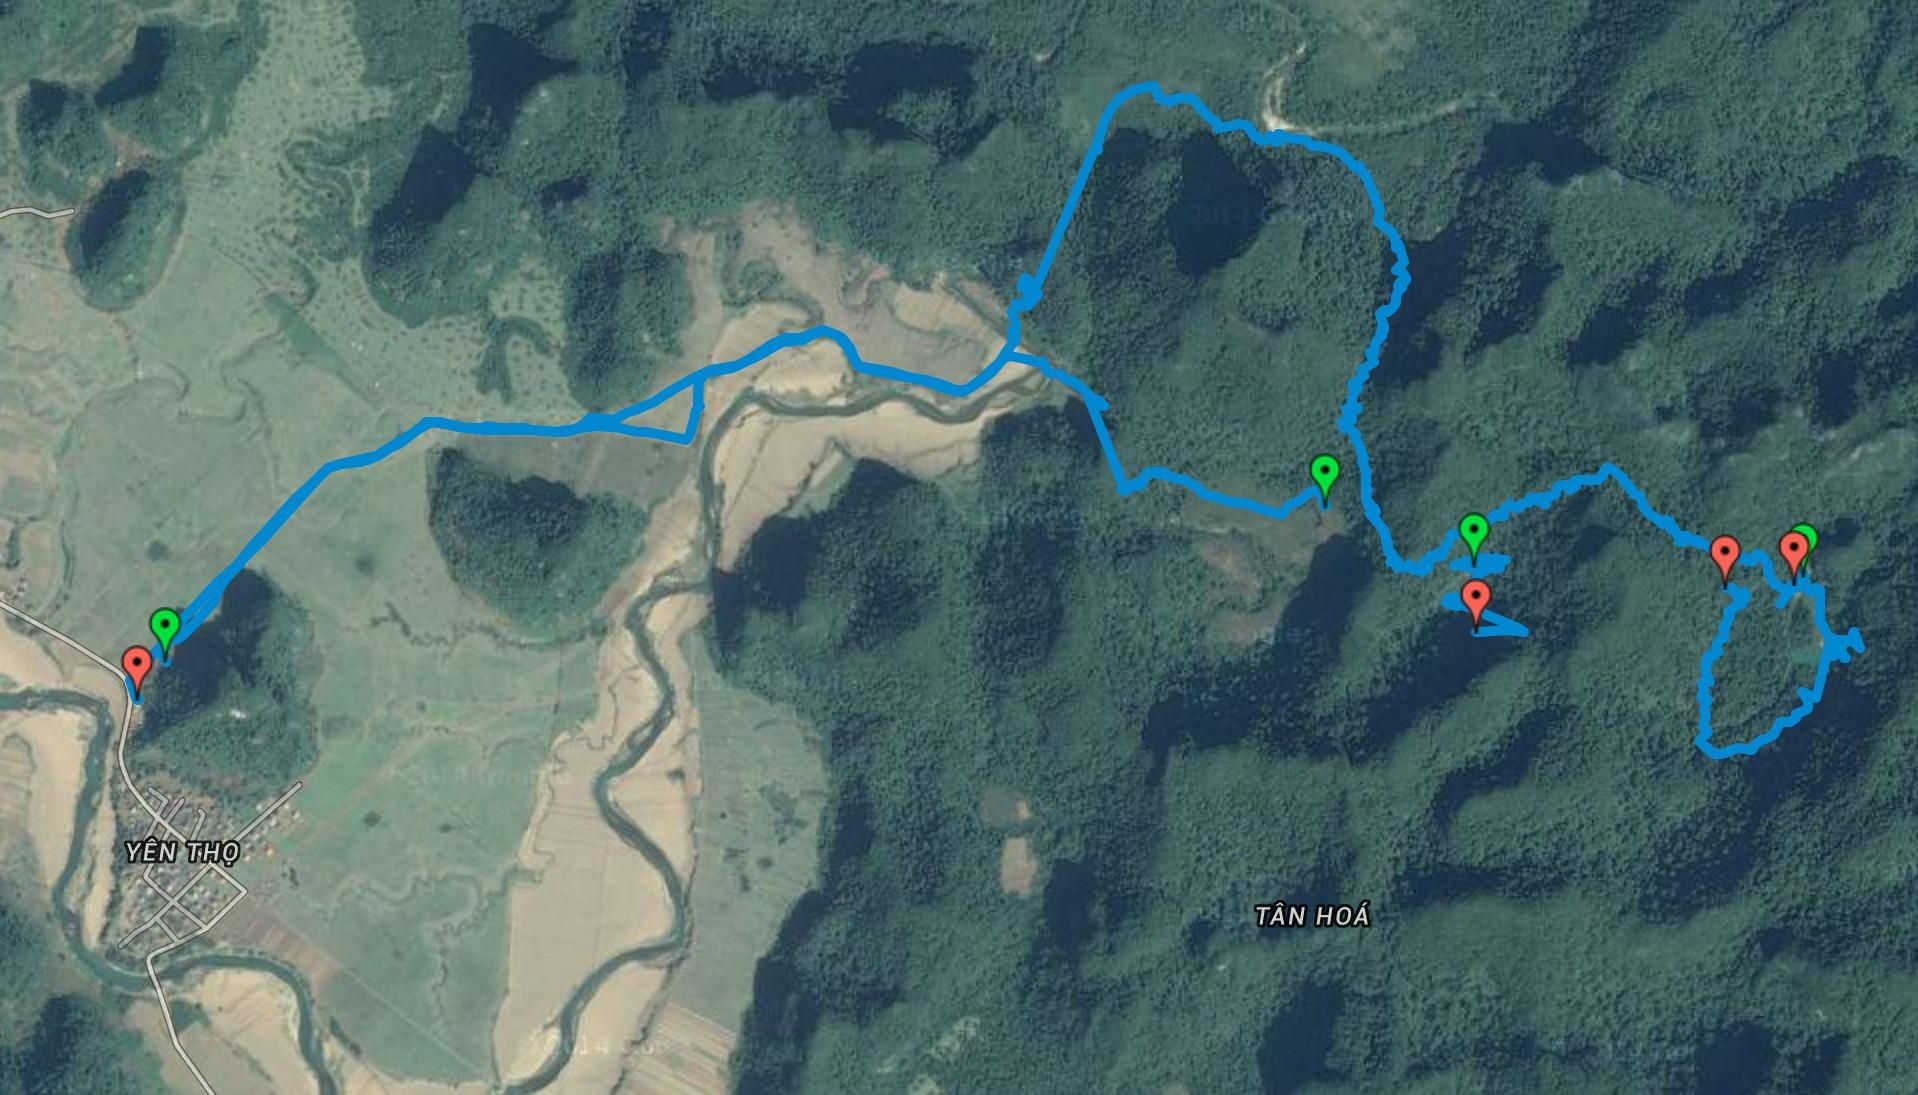 Phong Nha Caving - Satellite